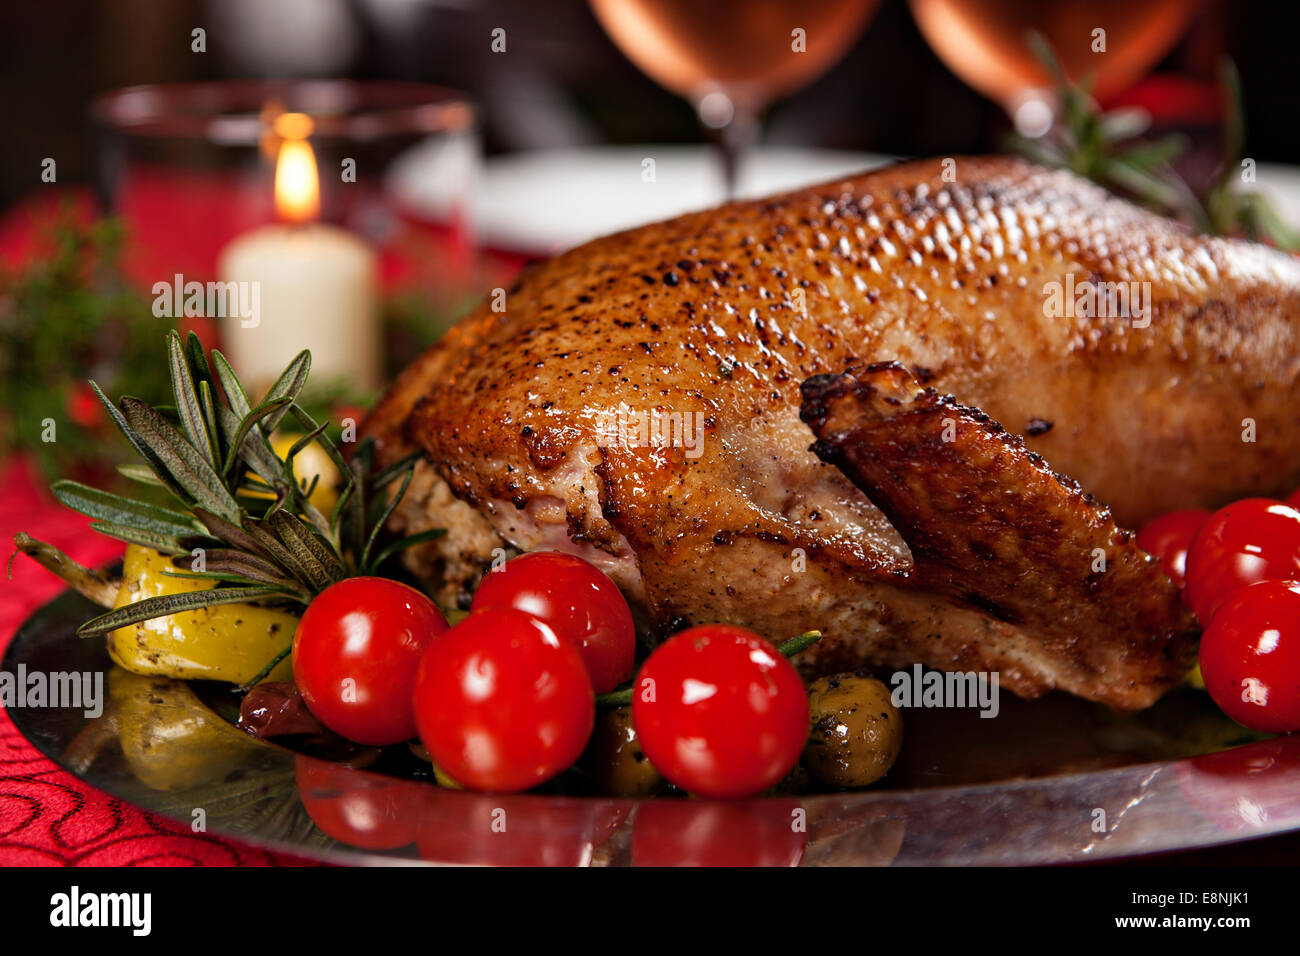 Weihnachten gebratene Ente serviert auf einem festlich gedeckten Tisch Stockbild